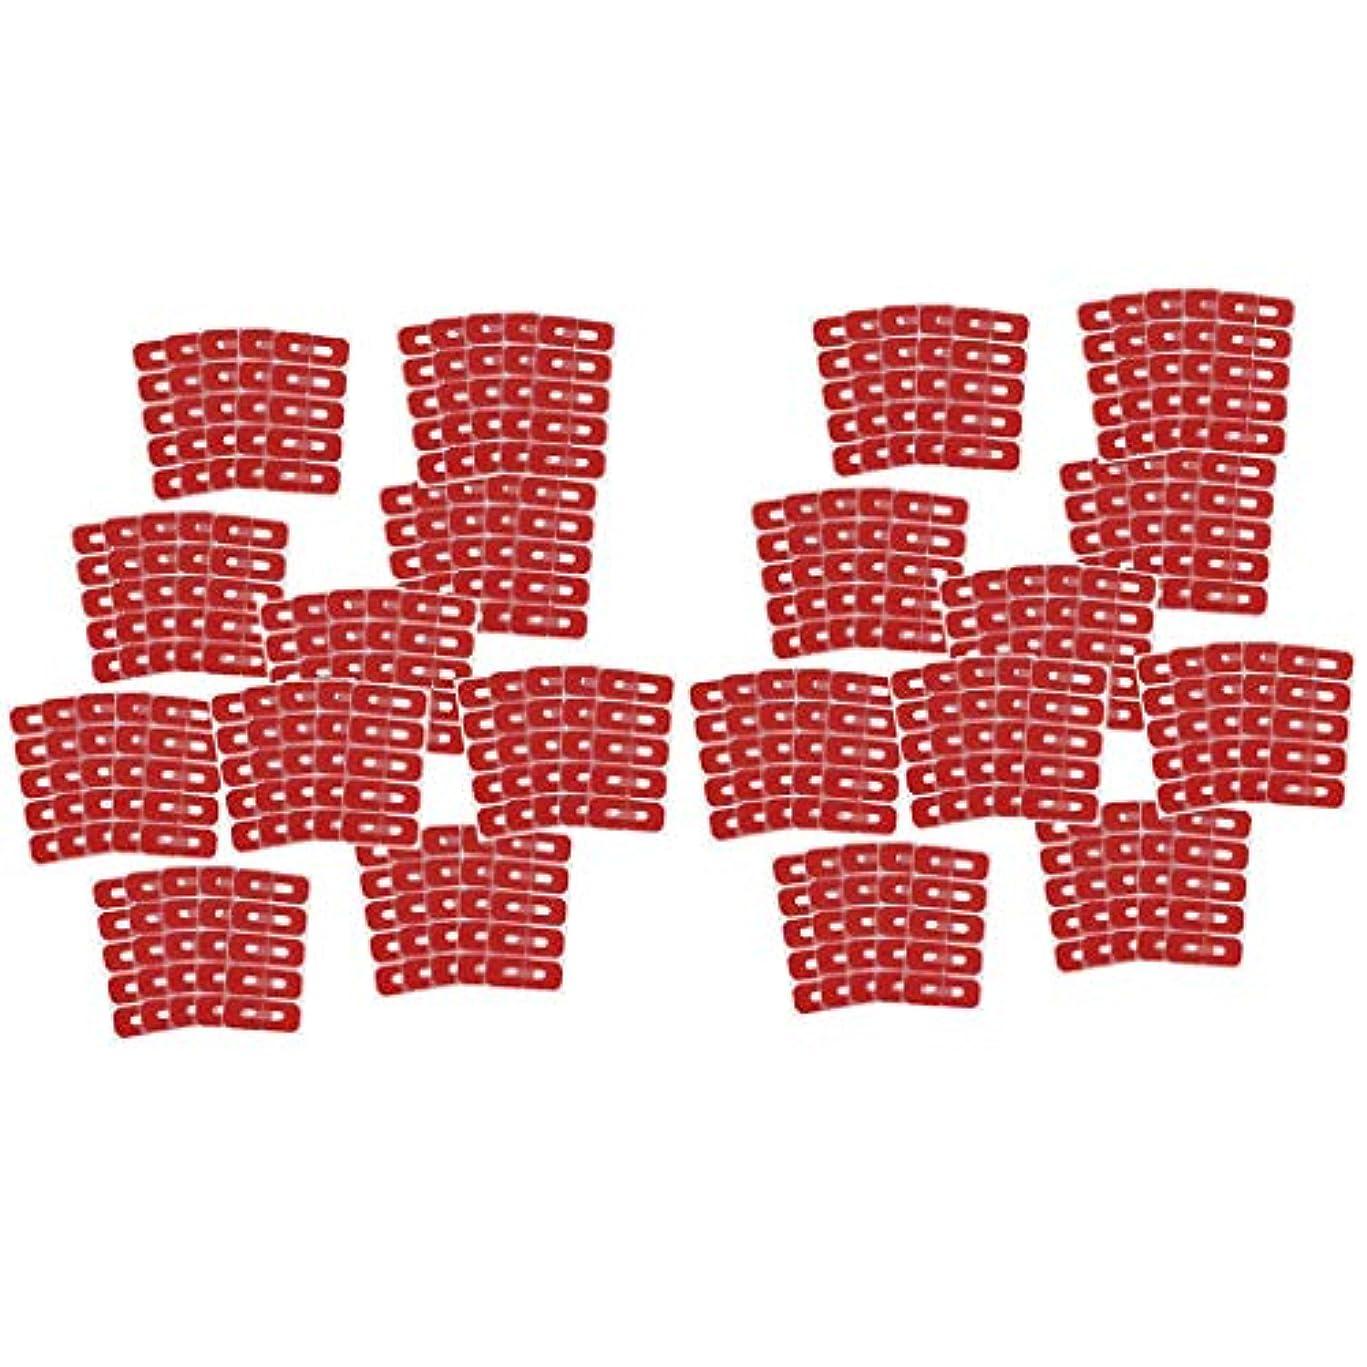 敬意ナビゲーション綺麗なネイルカバー ネイルプロテクター ネイルアート はみ出し防止 溢れを防止 マニキュア ネイルケア